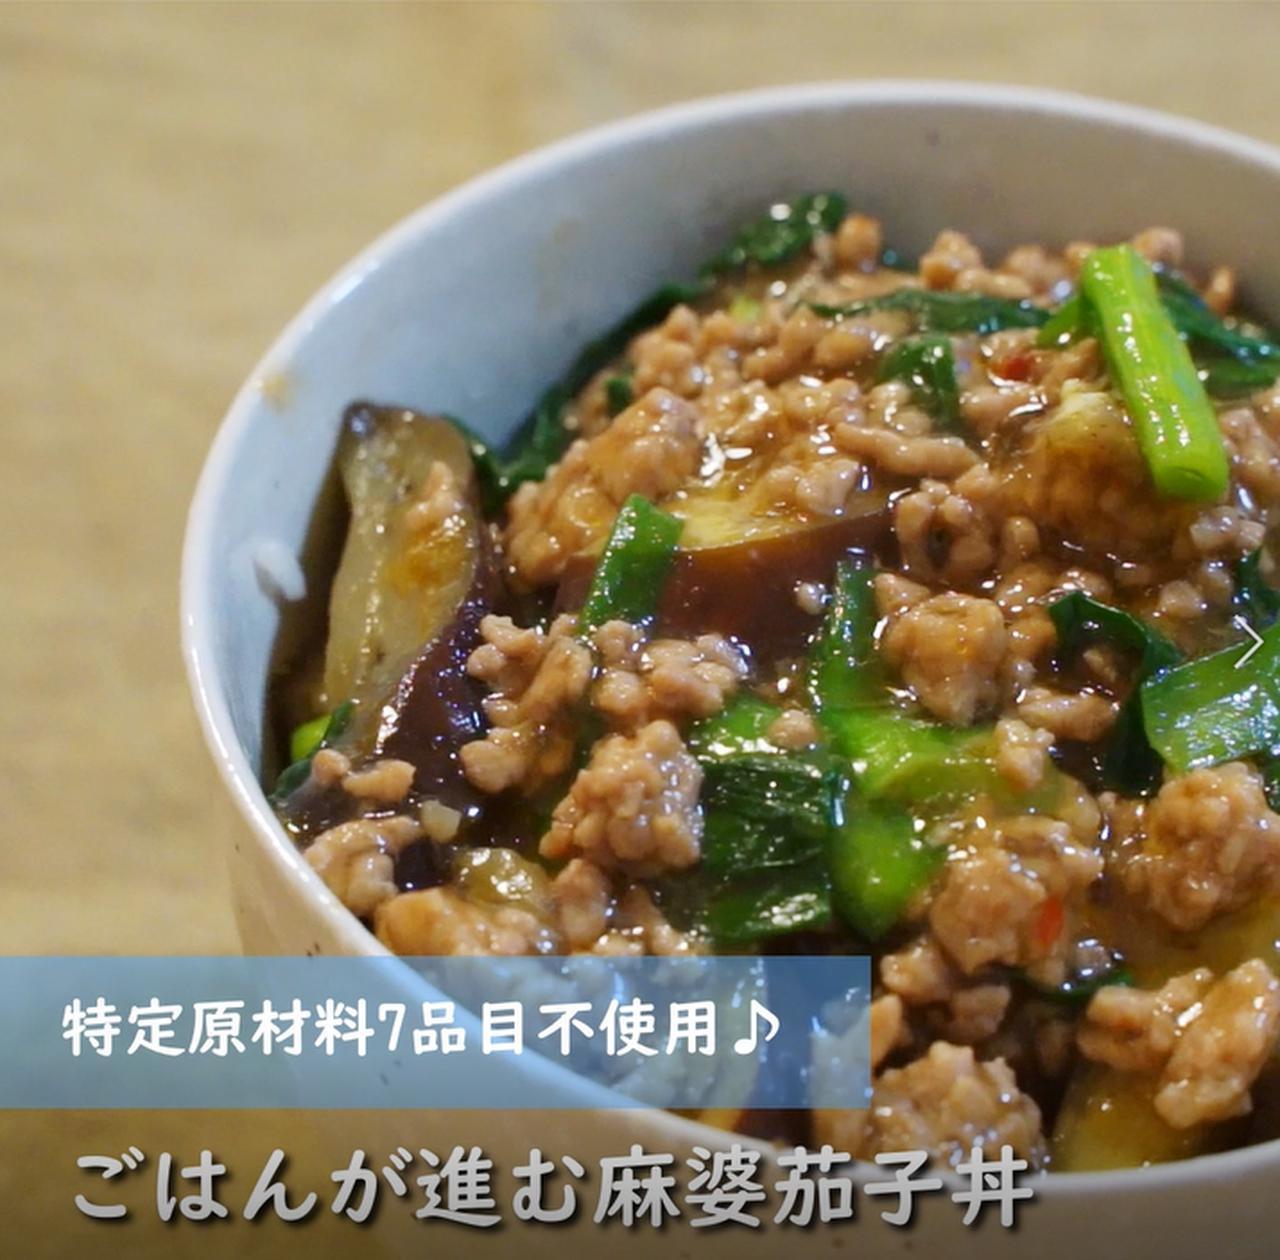 画像: ご飯が進む麻婆茄子丼 - 君とごはん